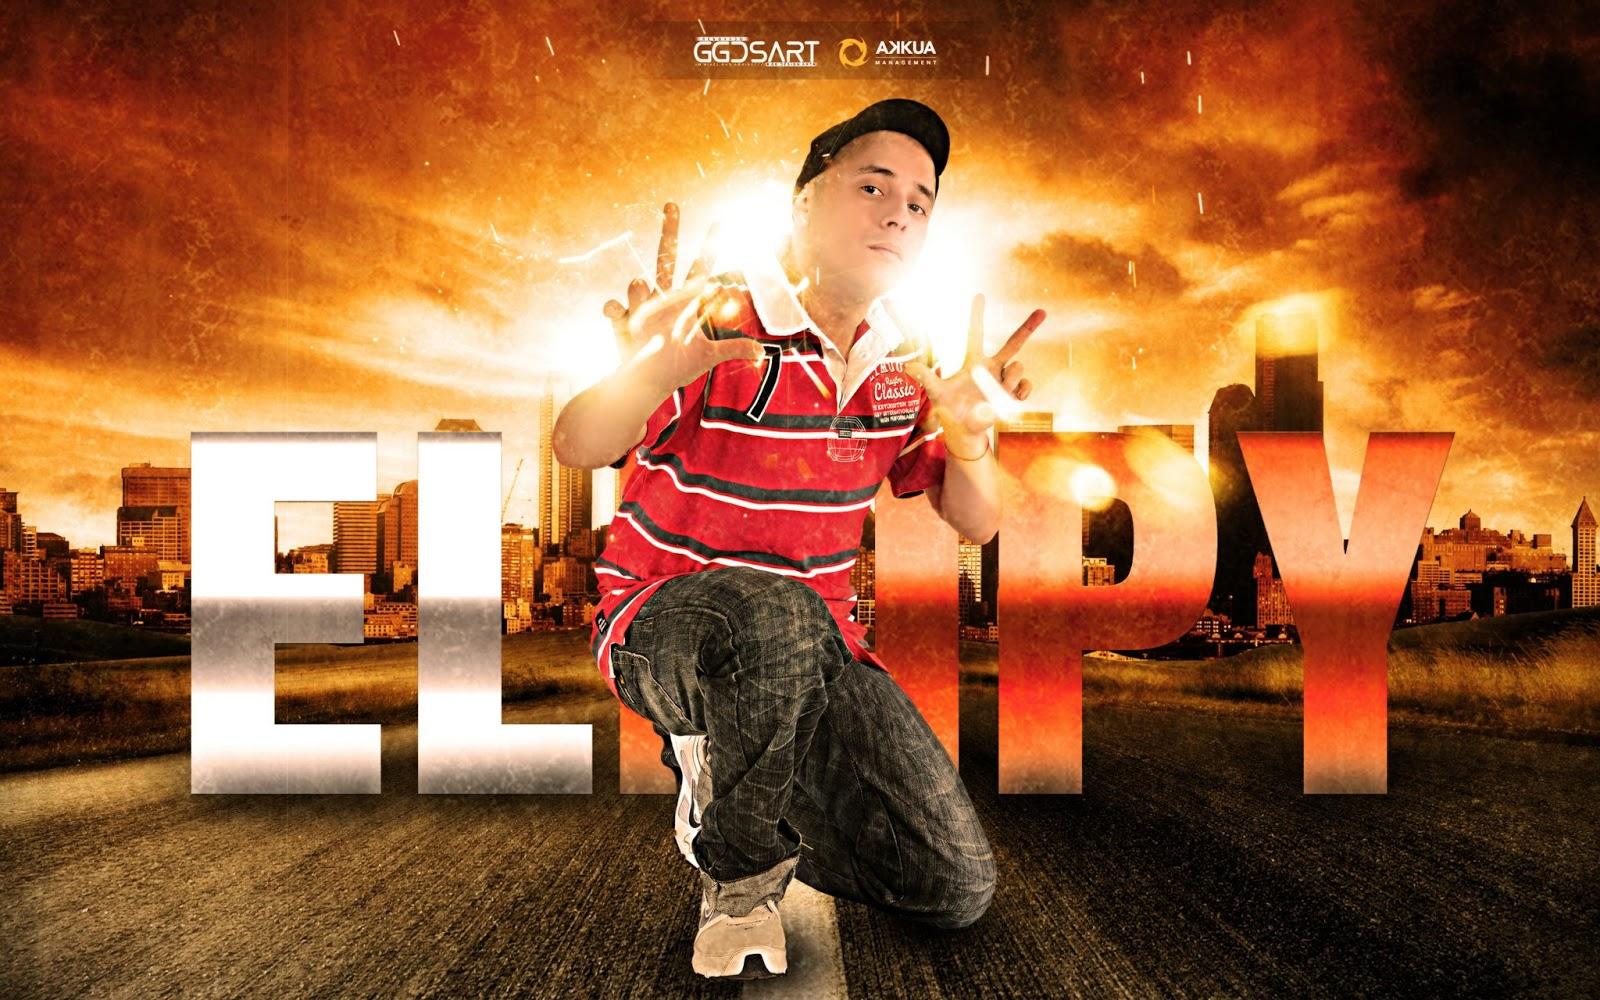 El Dipy – Yo Vivo De Noche (ABRIL)